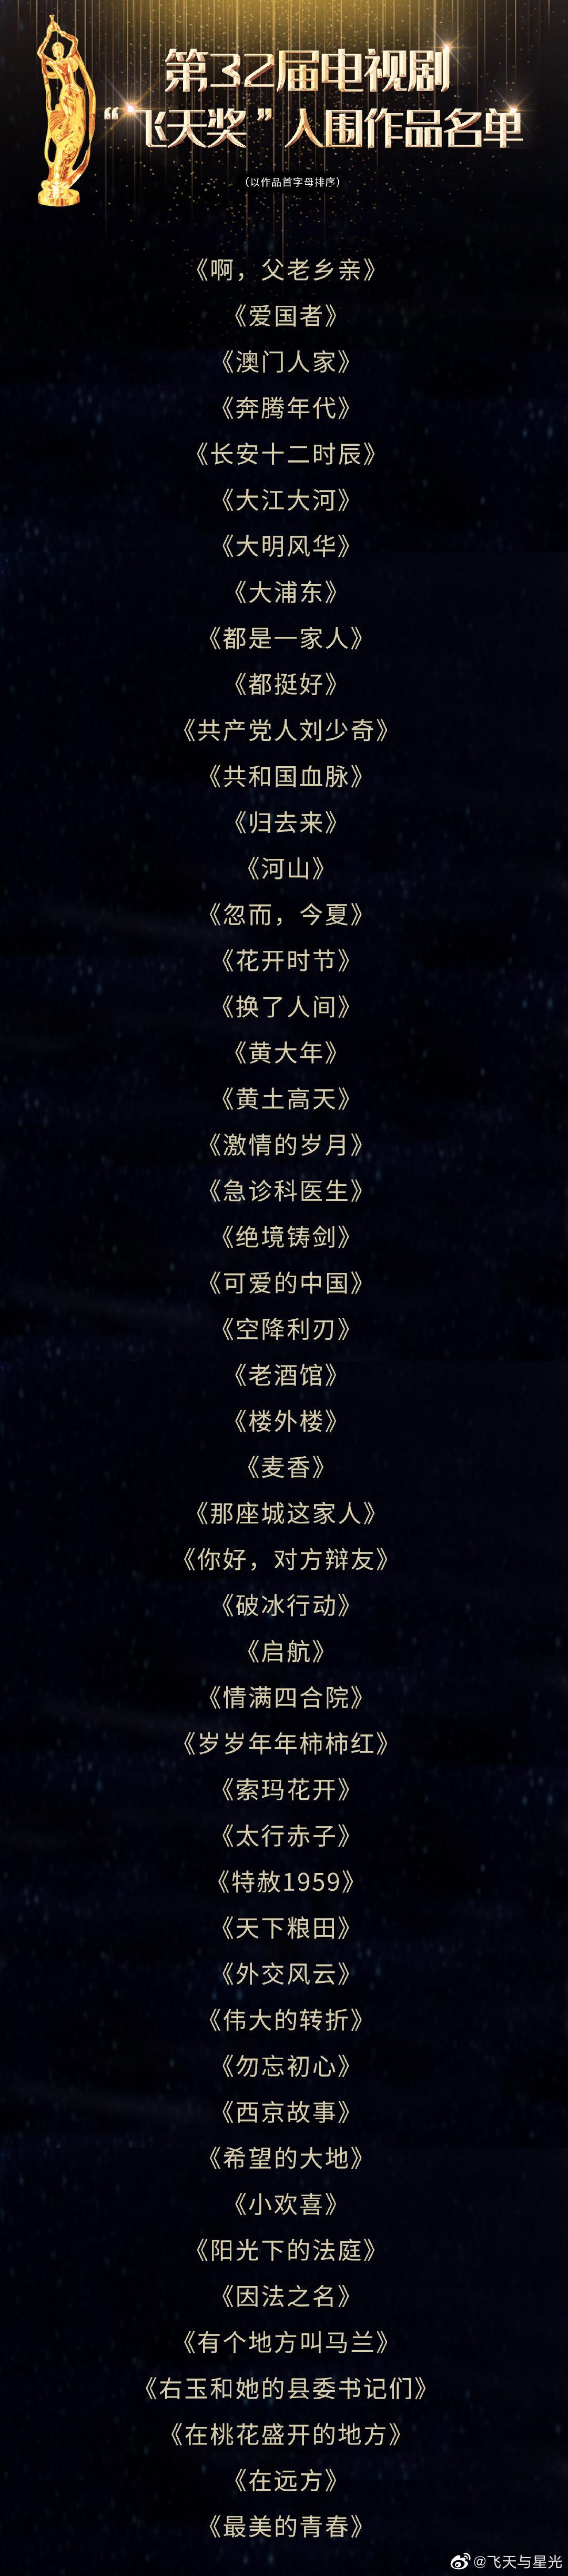 第32届飞天奖入围名单出炉 《十二时候》等在列 第1张